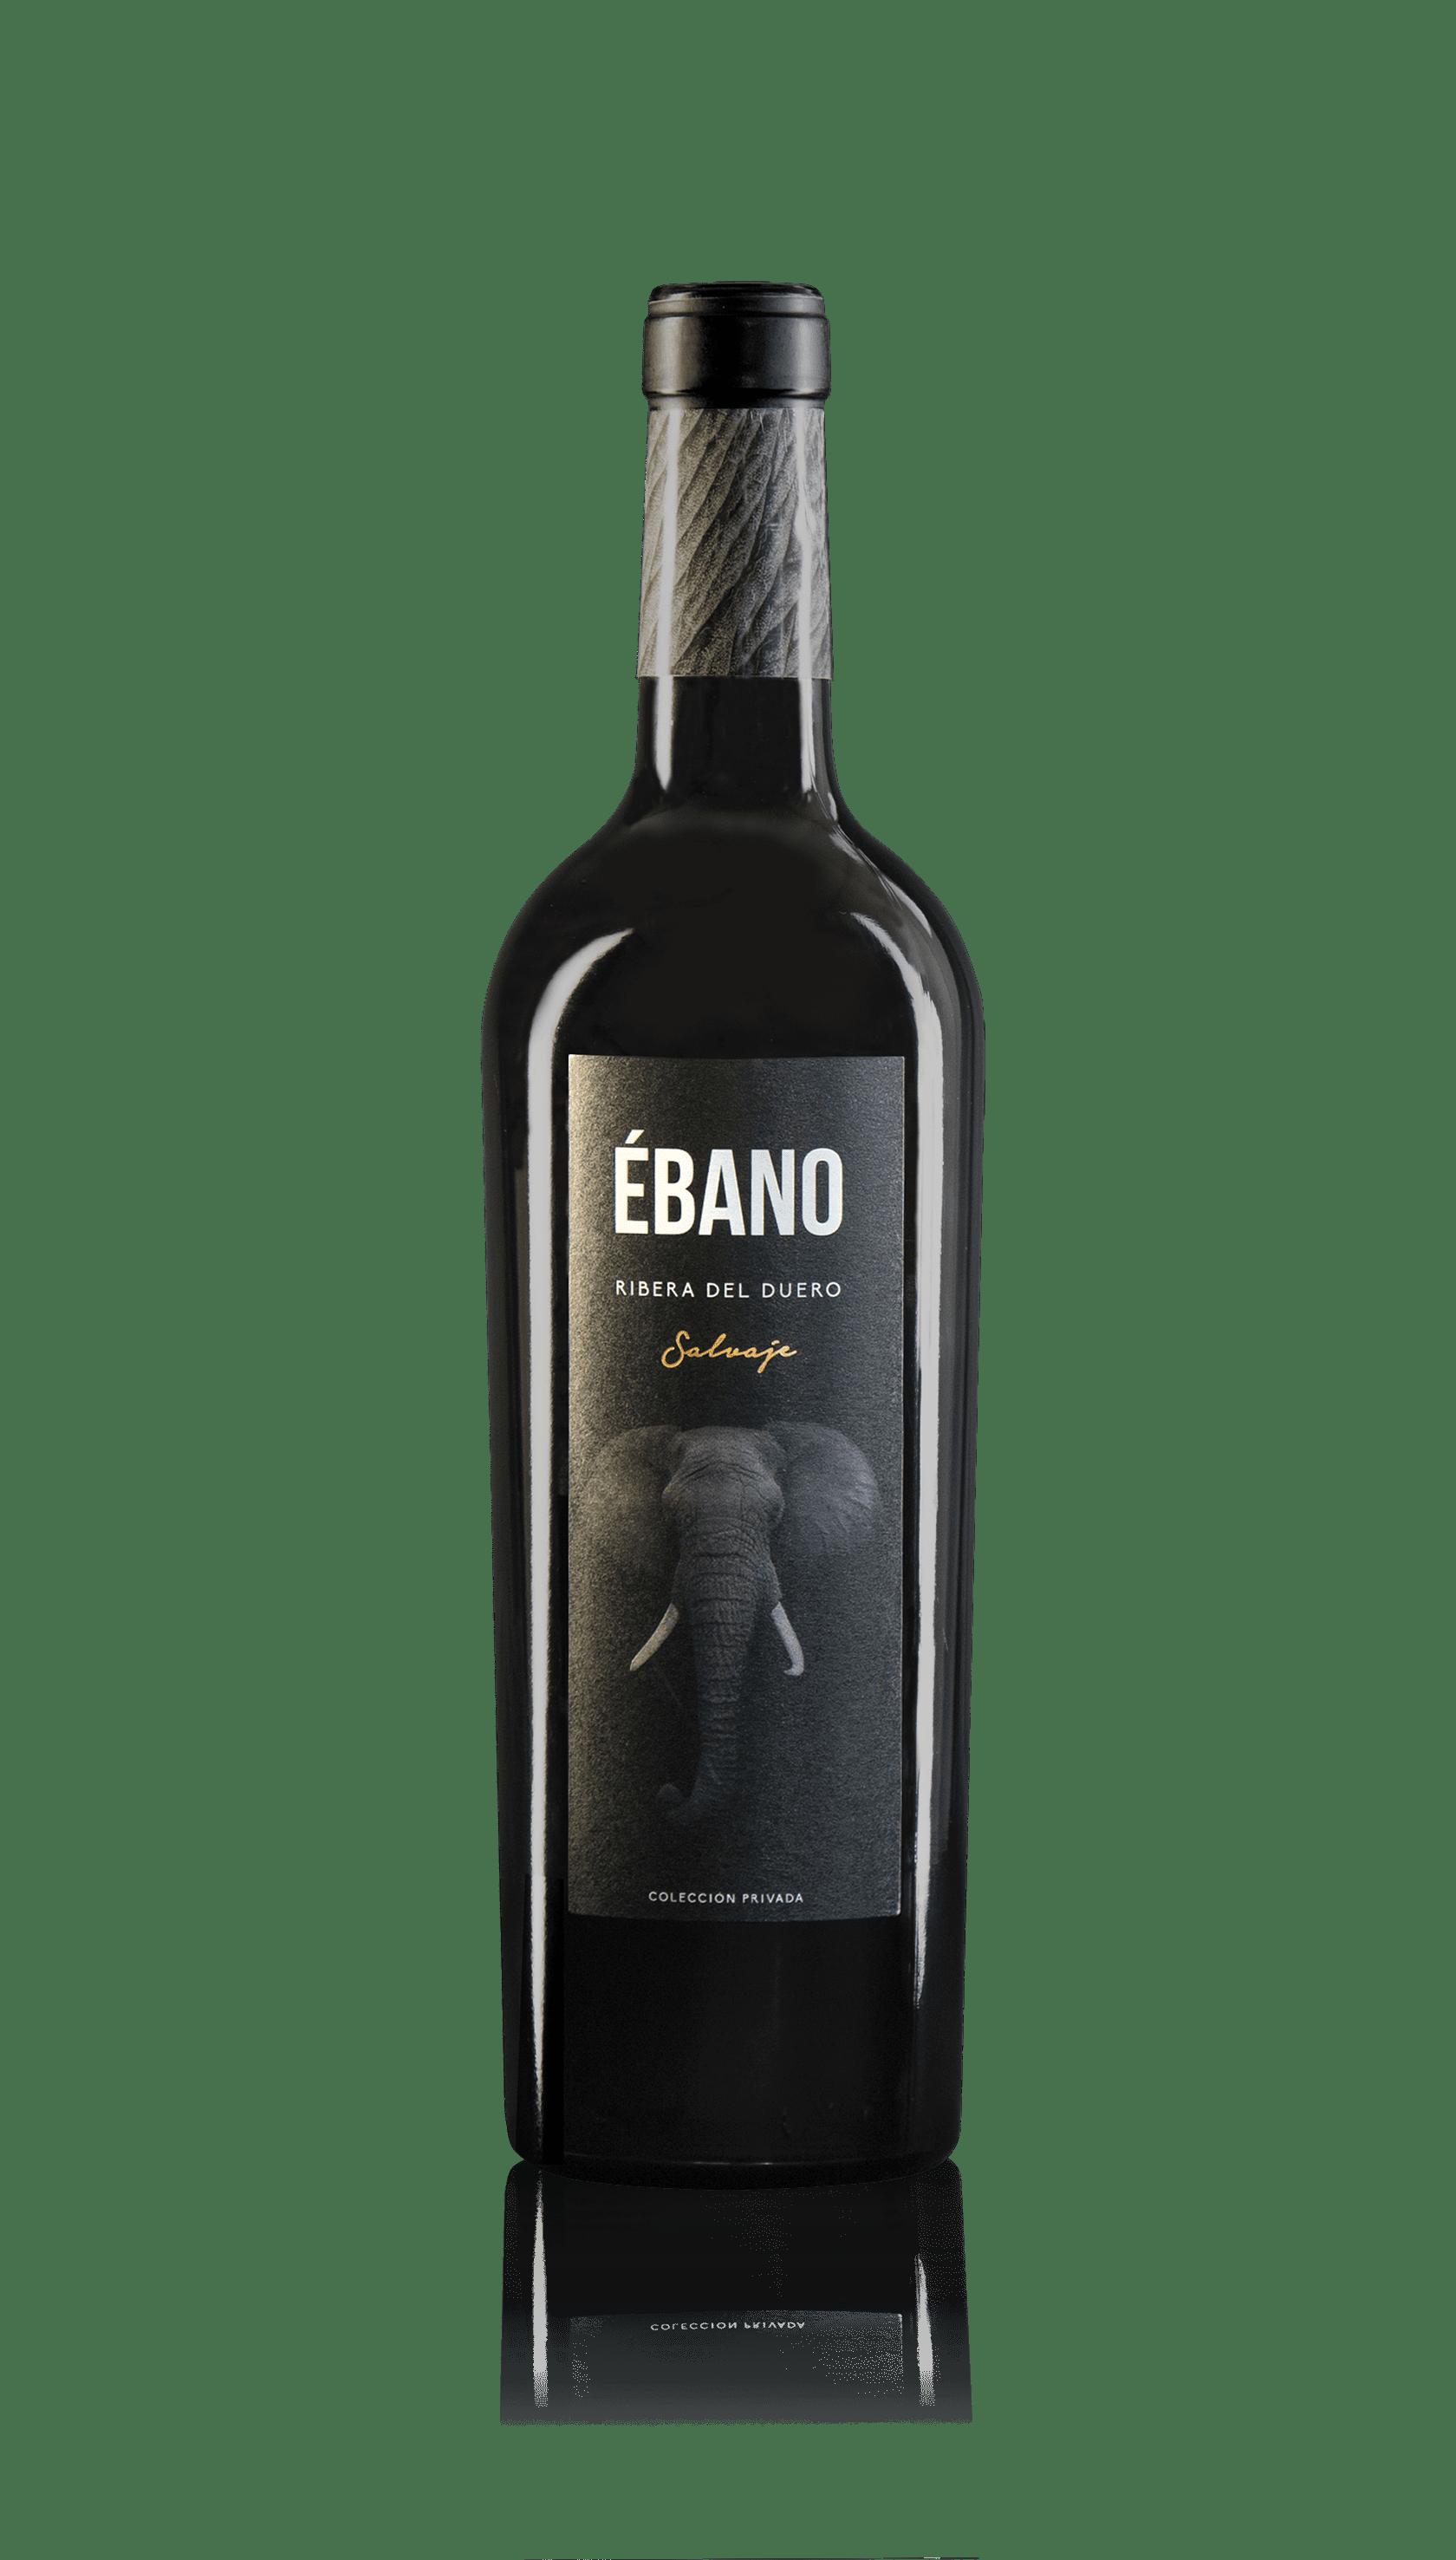 Ébano Salvaje 2017_Cata by Juan Ignacio Ayerbe